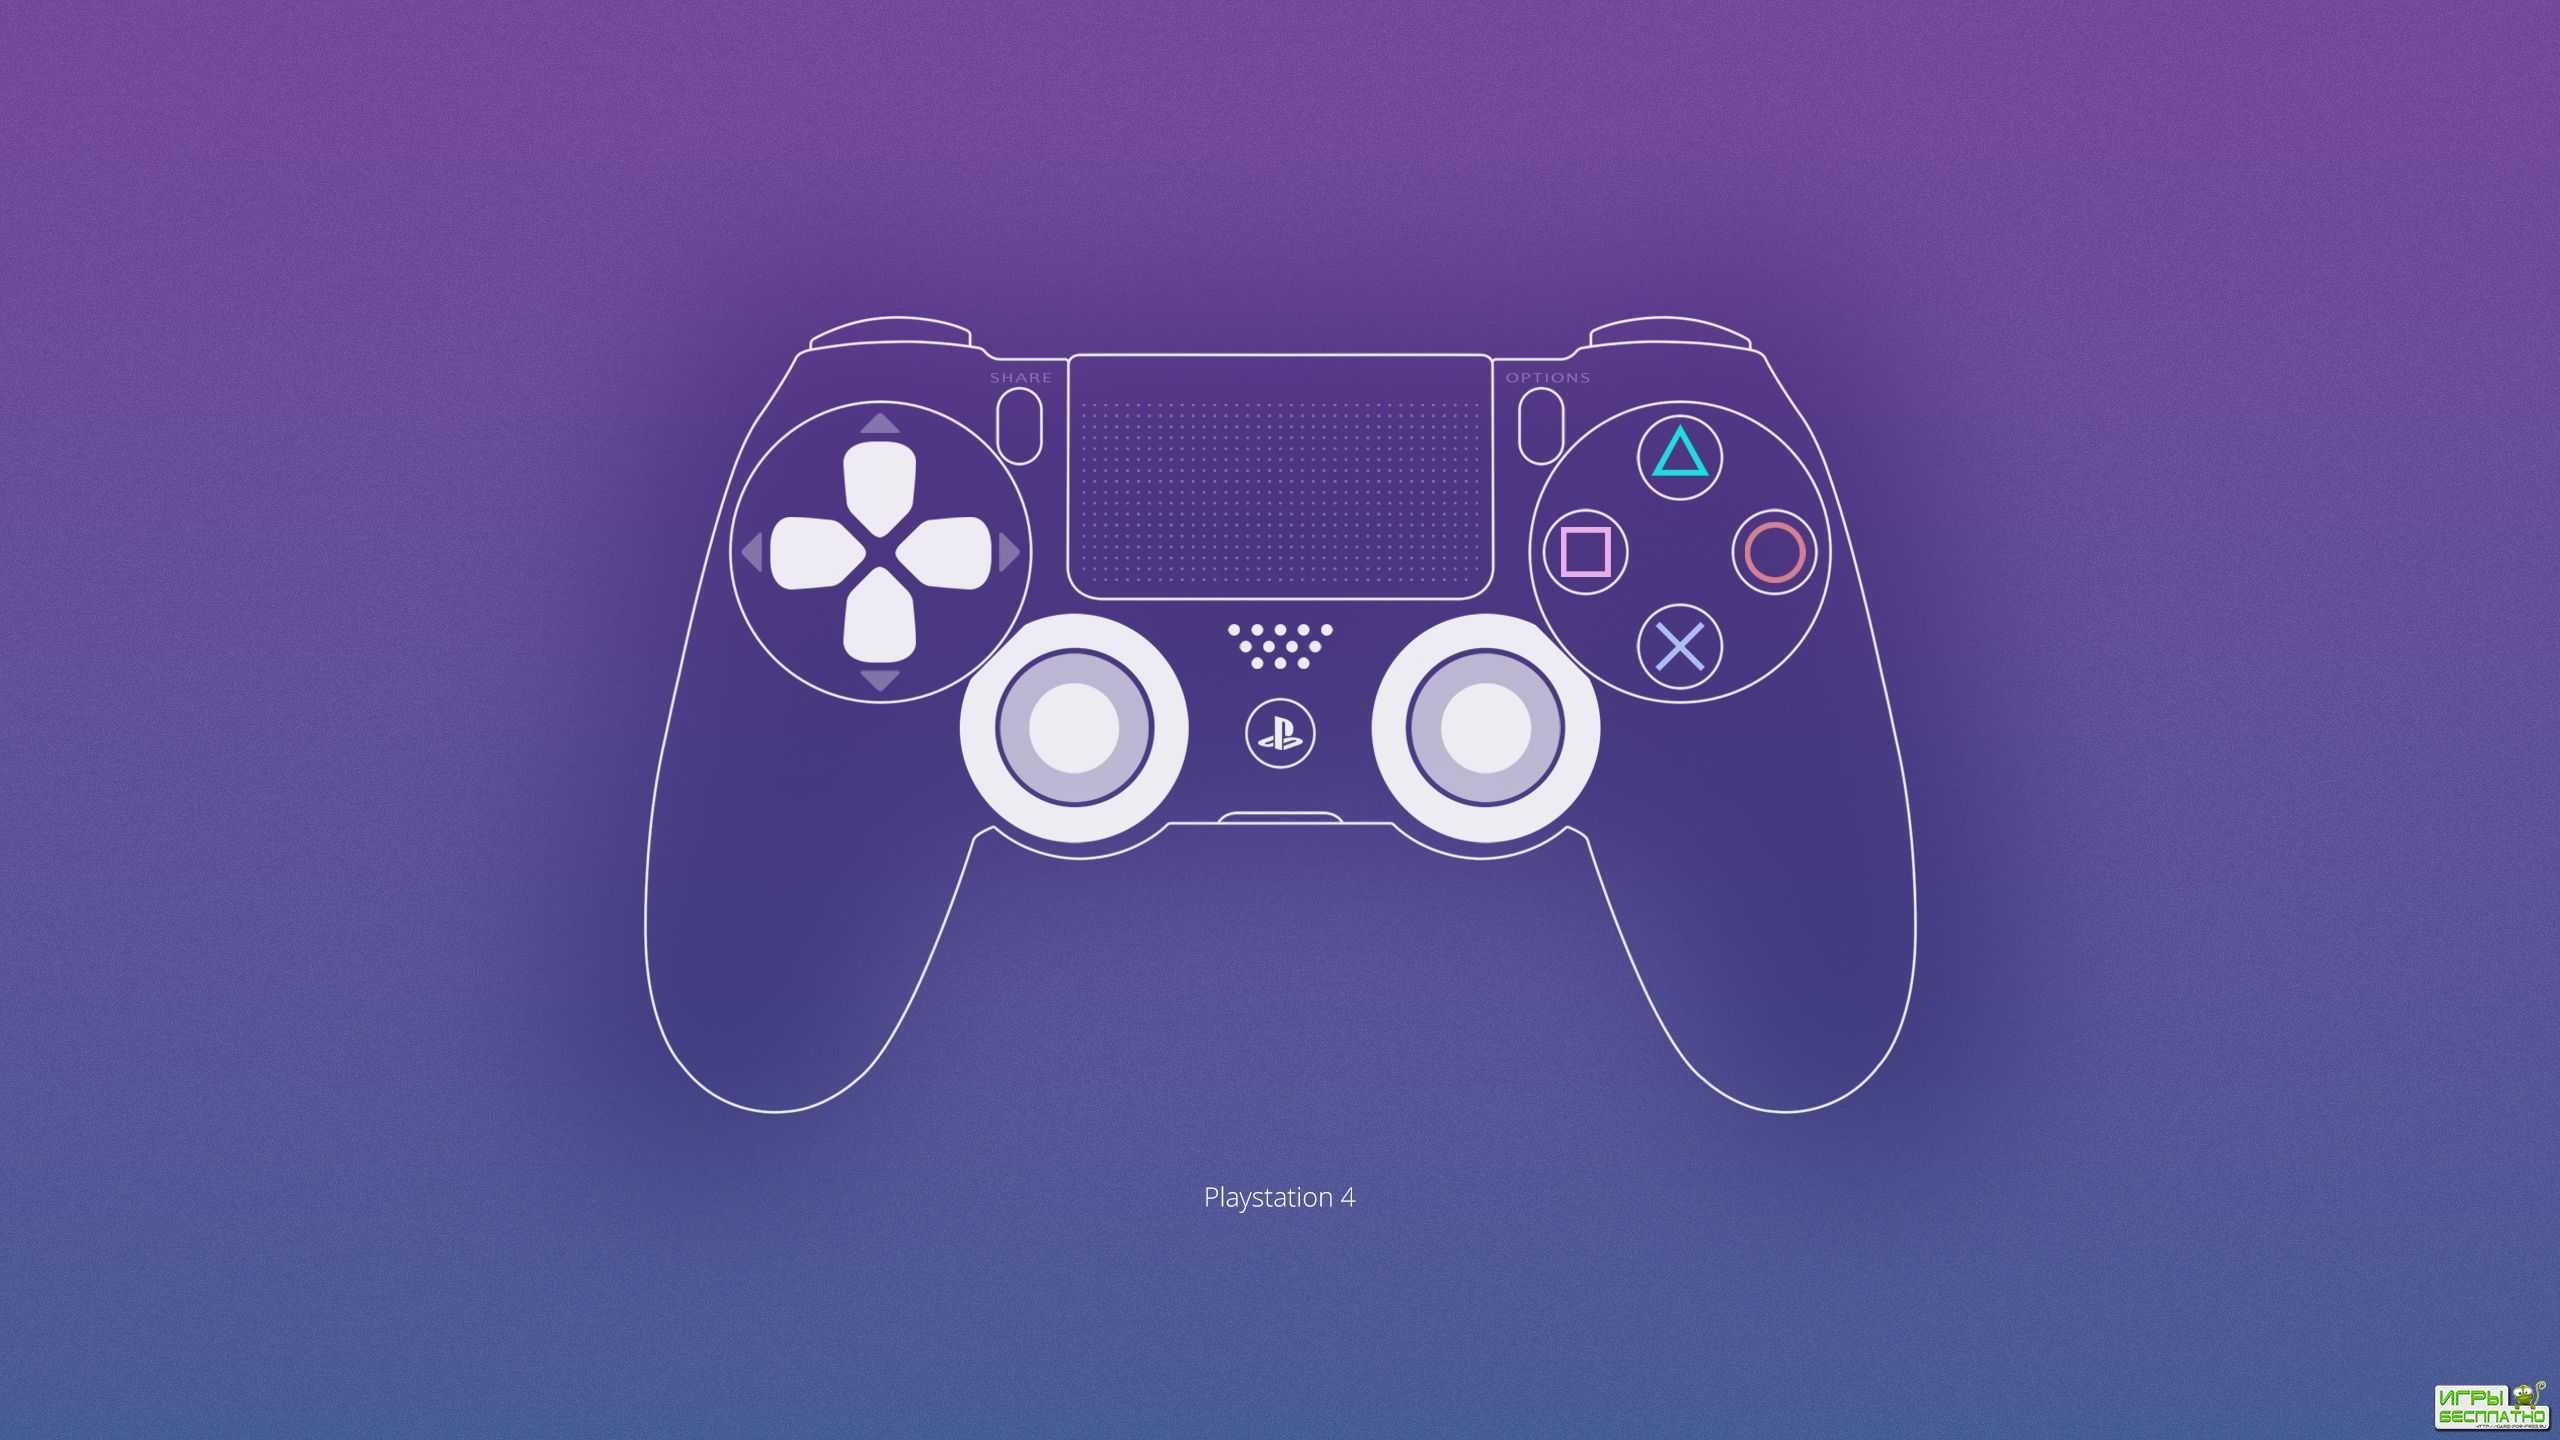 Сторонняя студия делает «довольно значительный PS4-эсклюзив» совместно с So ...